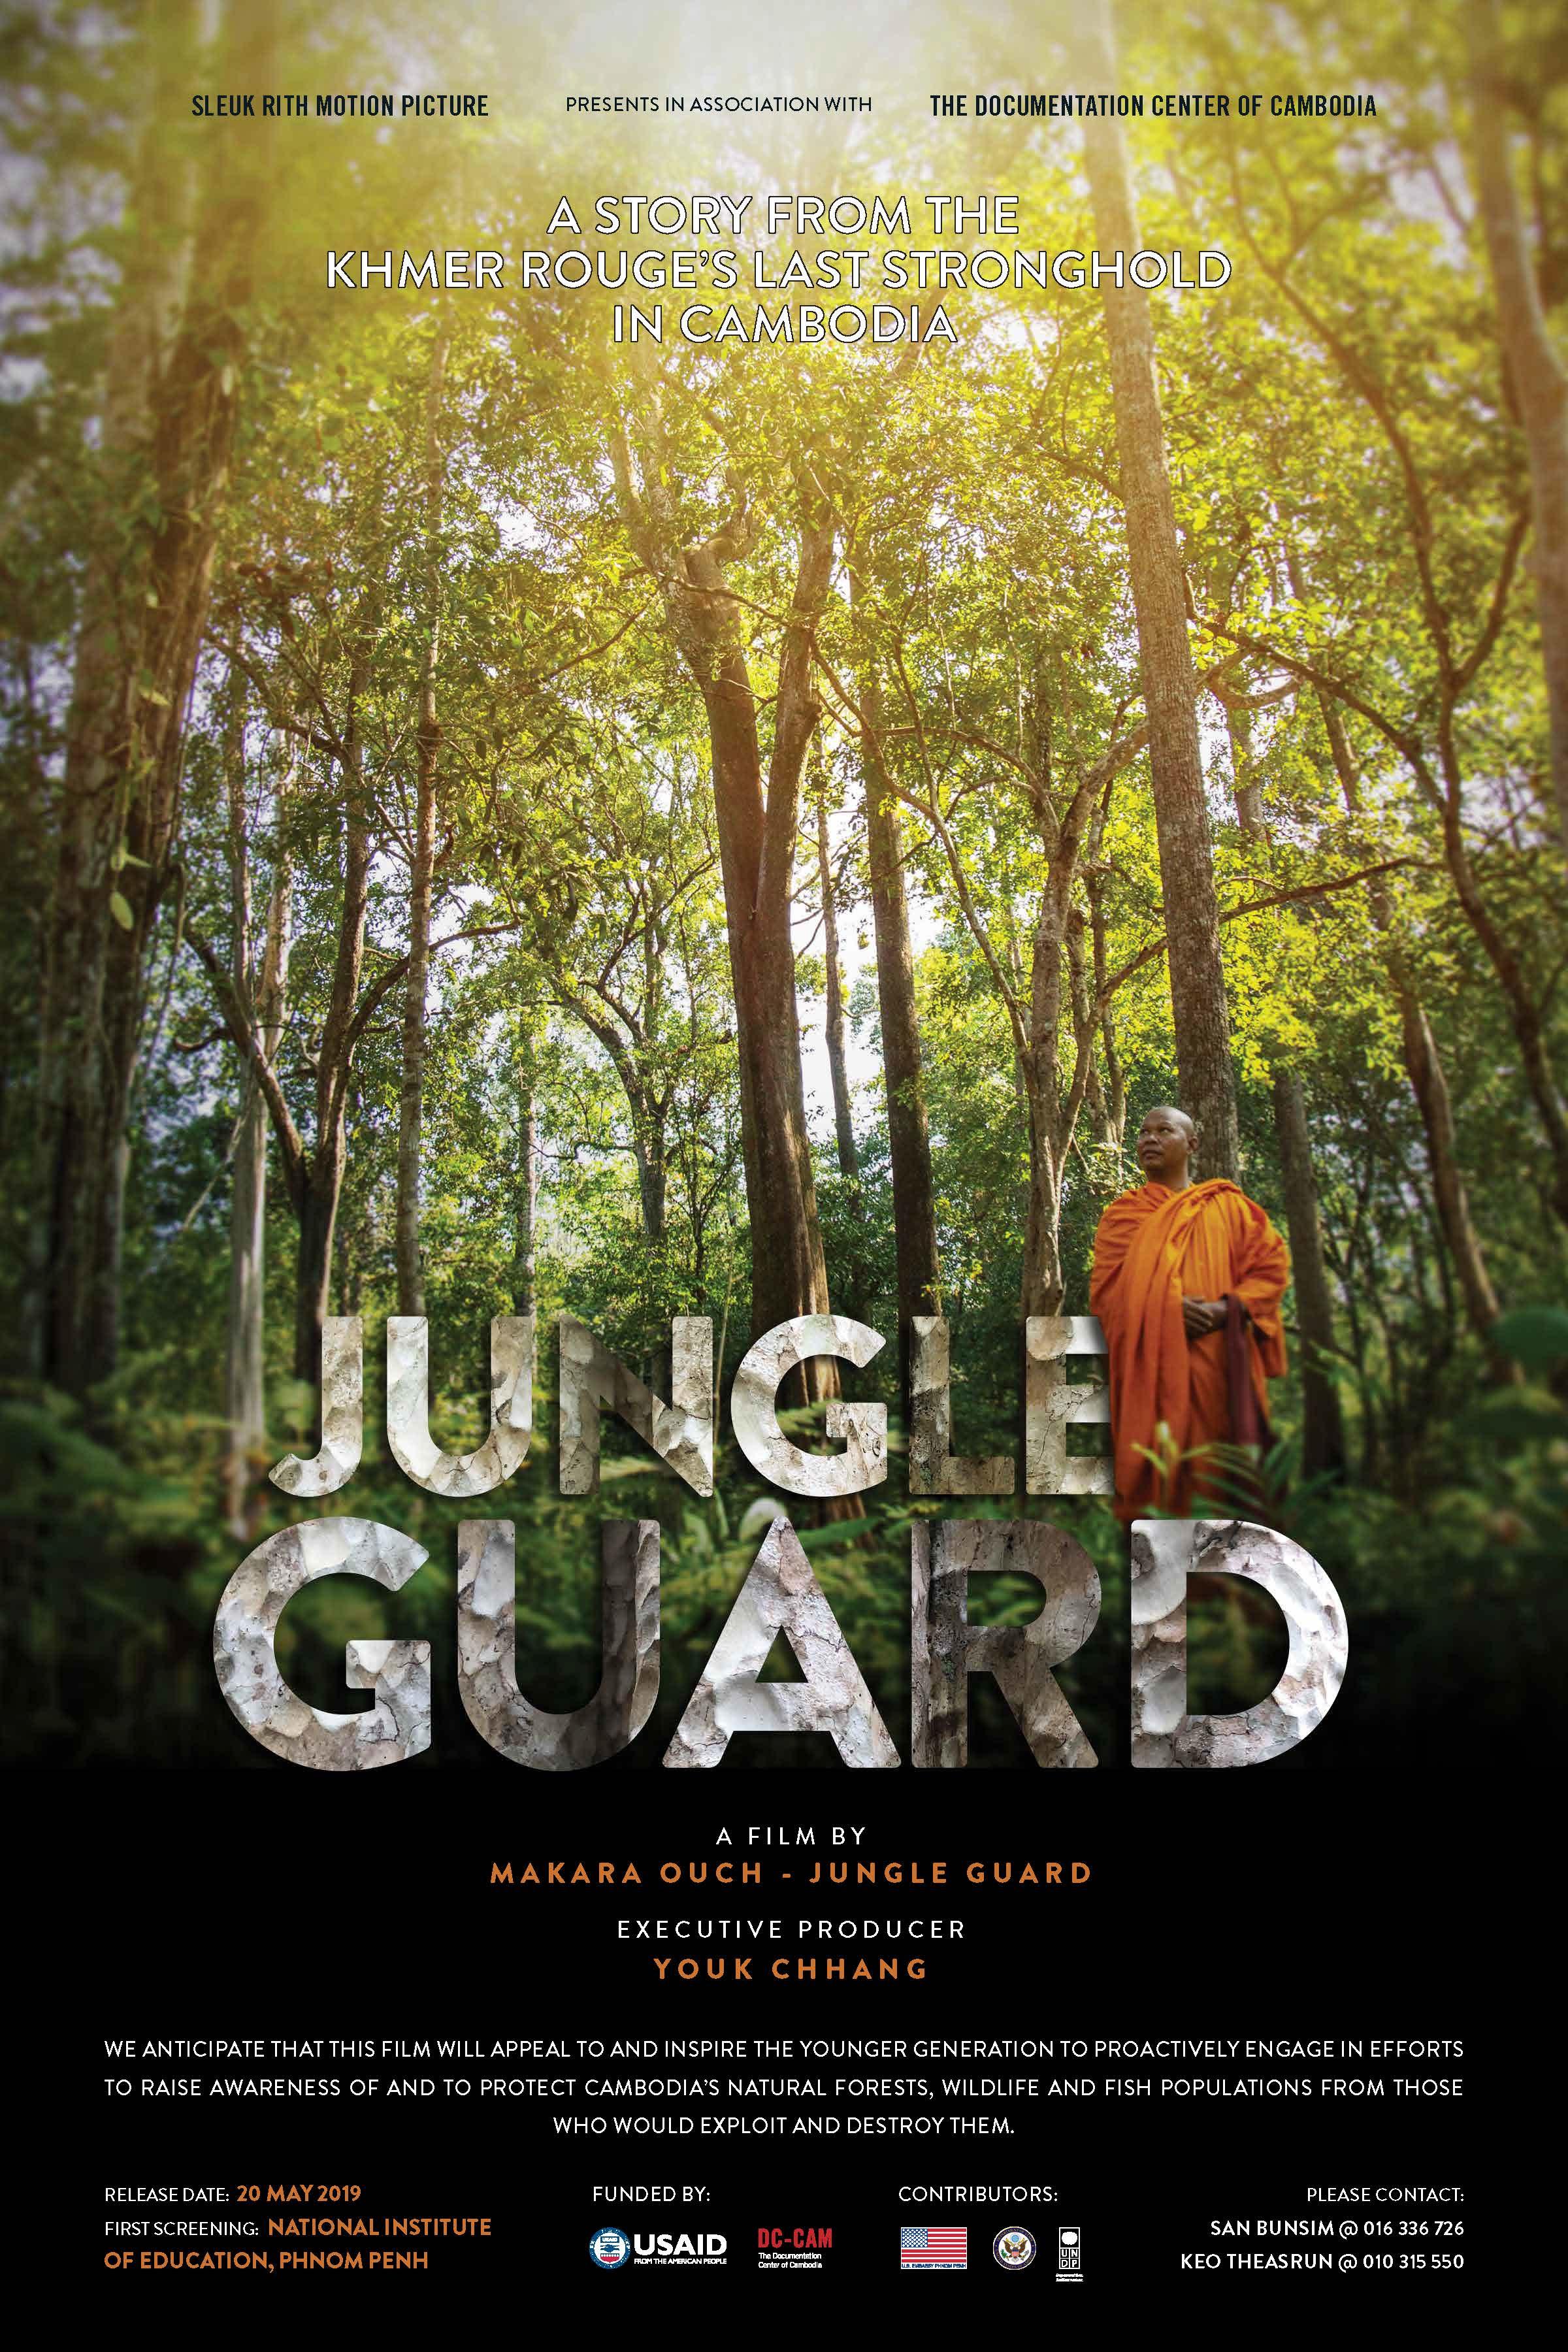 FILM SCREENING : JUNGLE GUARD (20 MAY 2019)